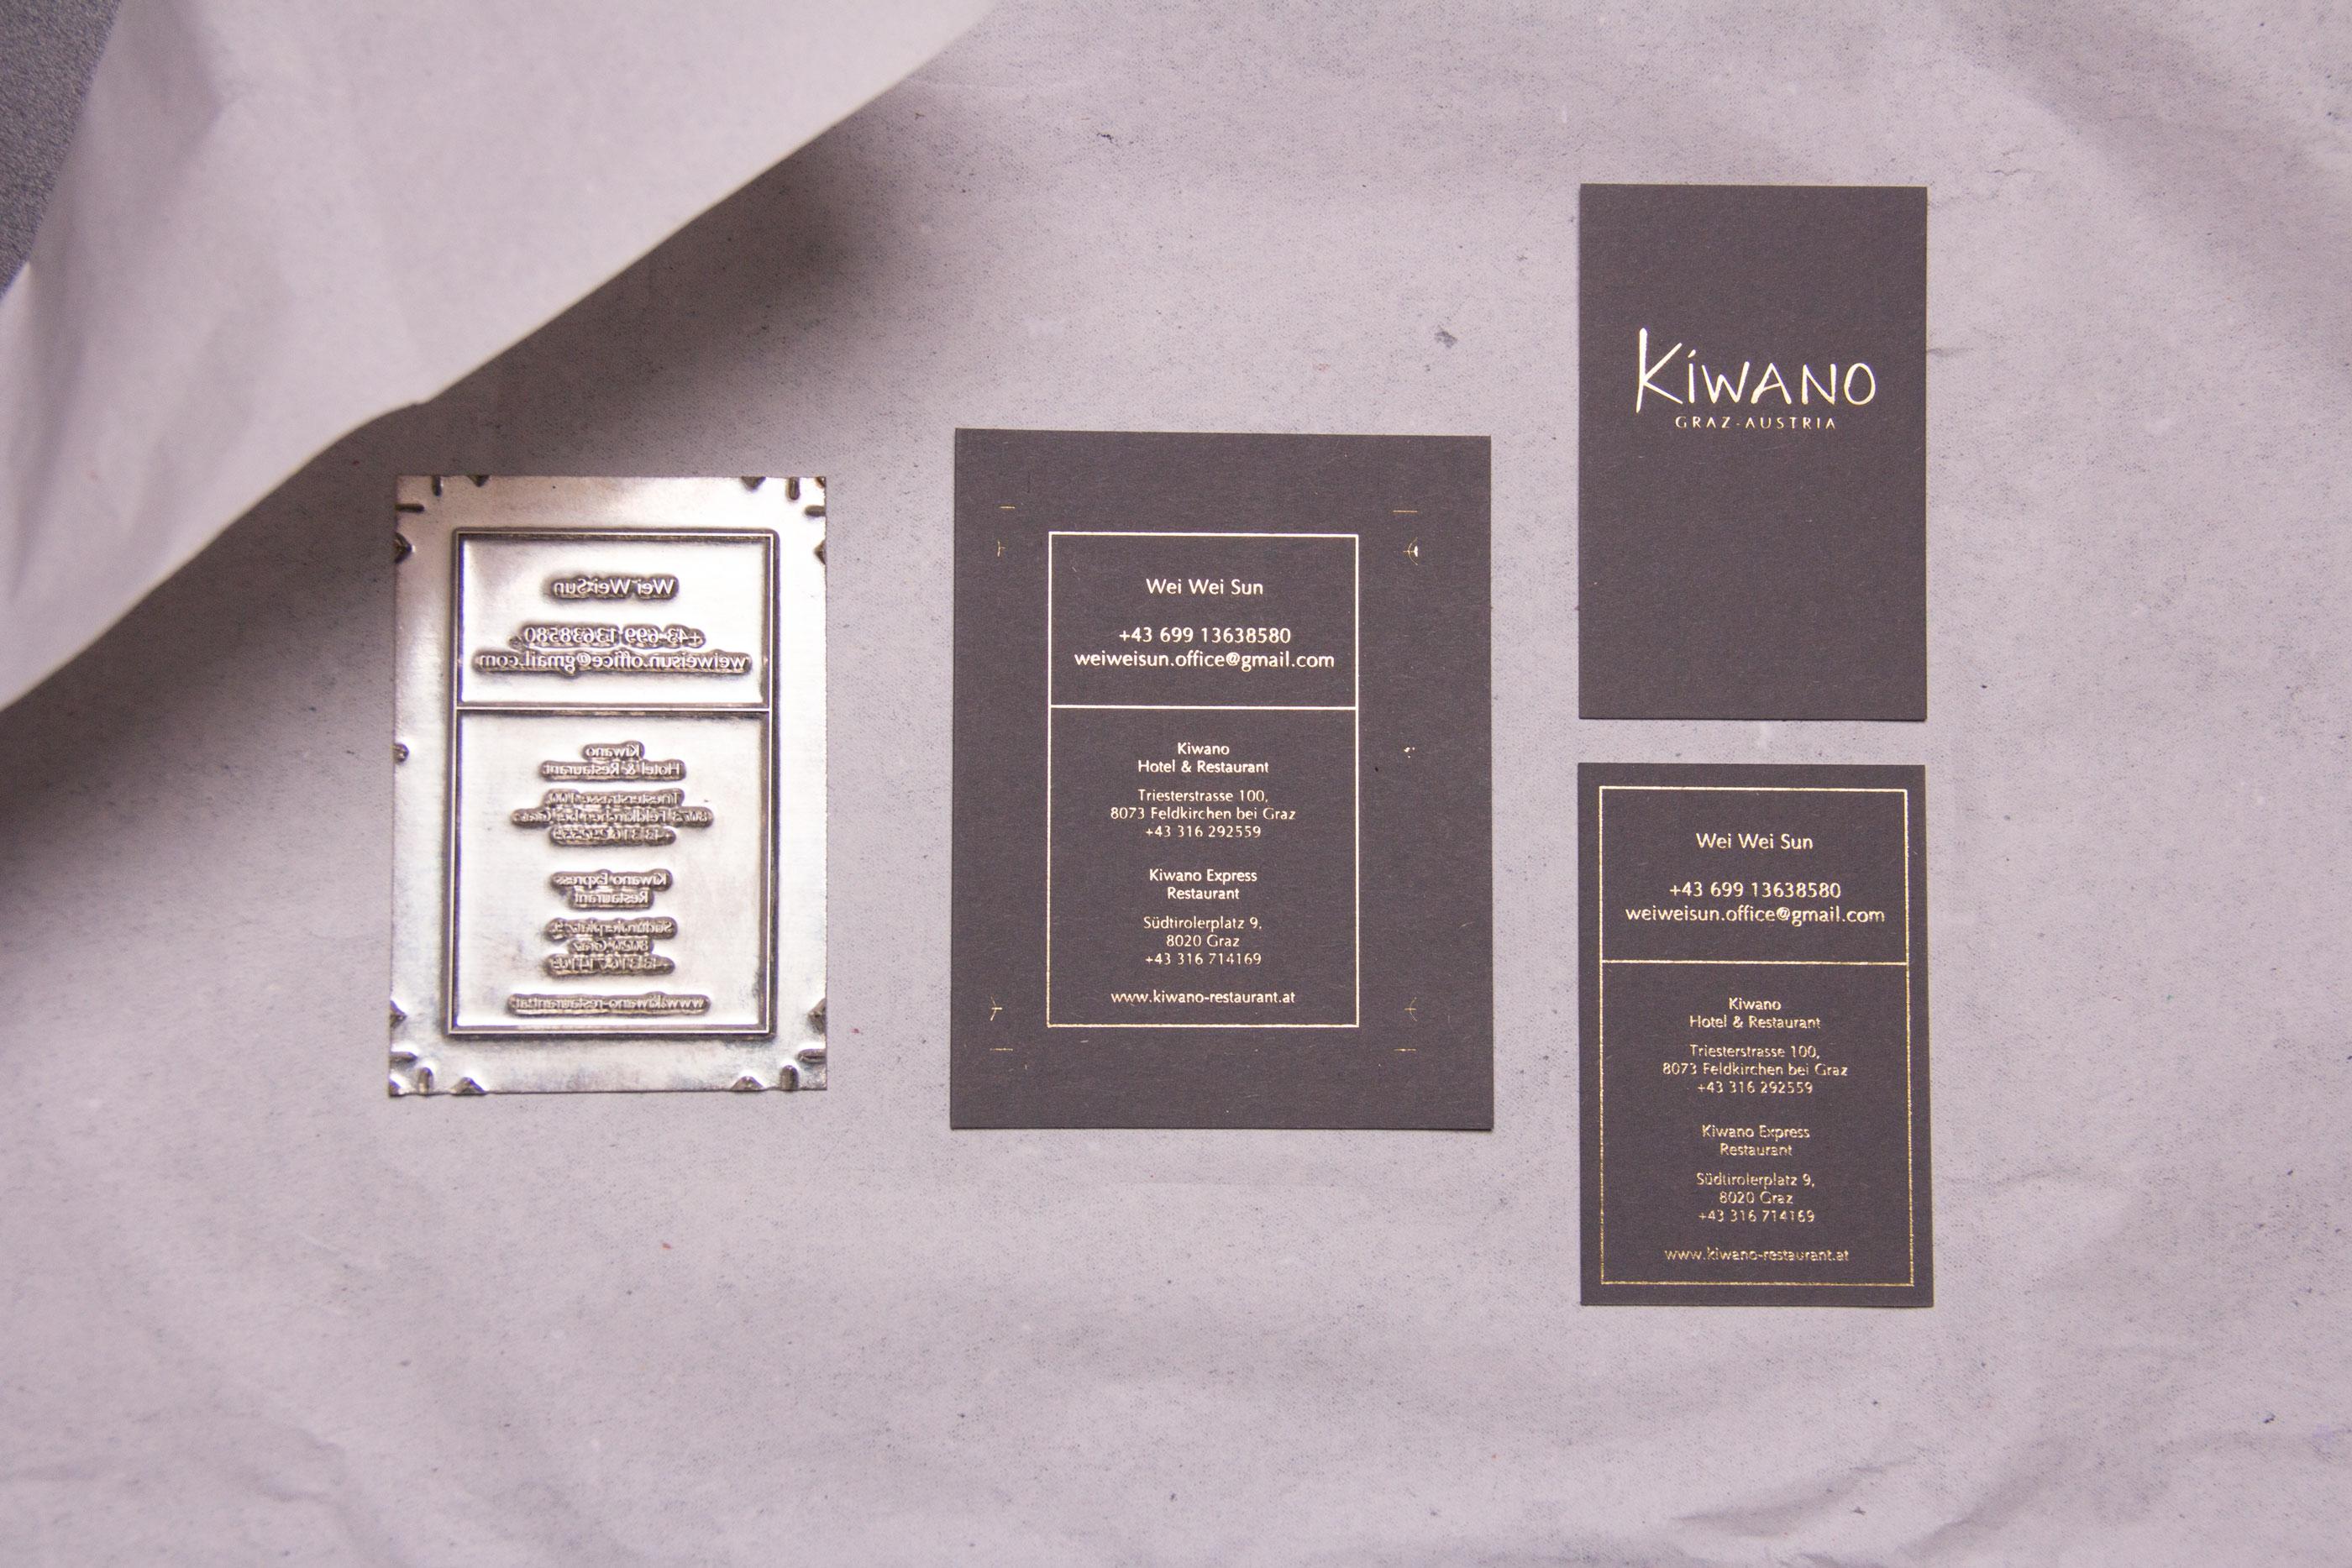 kiwano-02